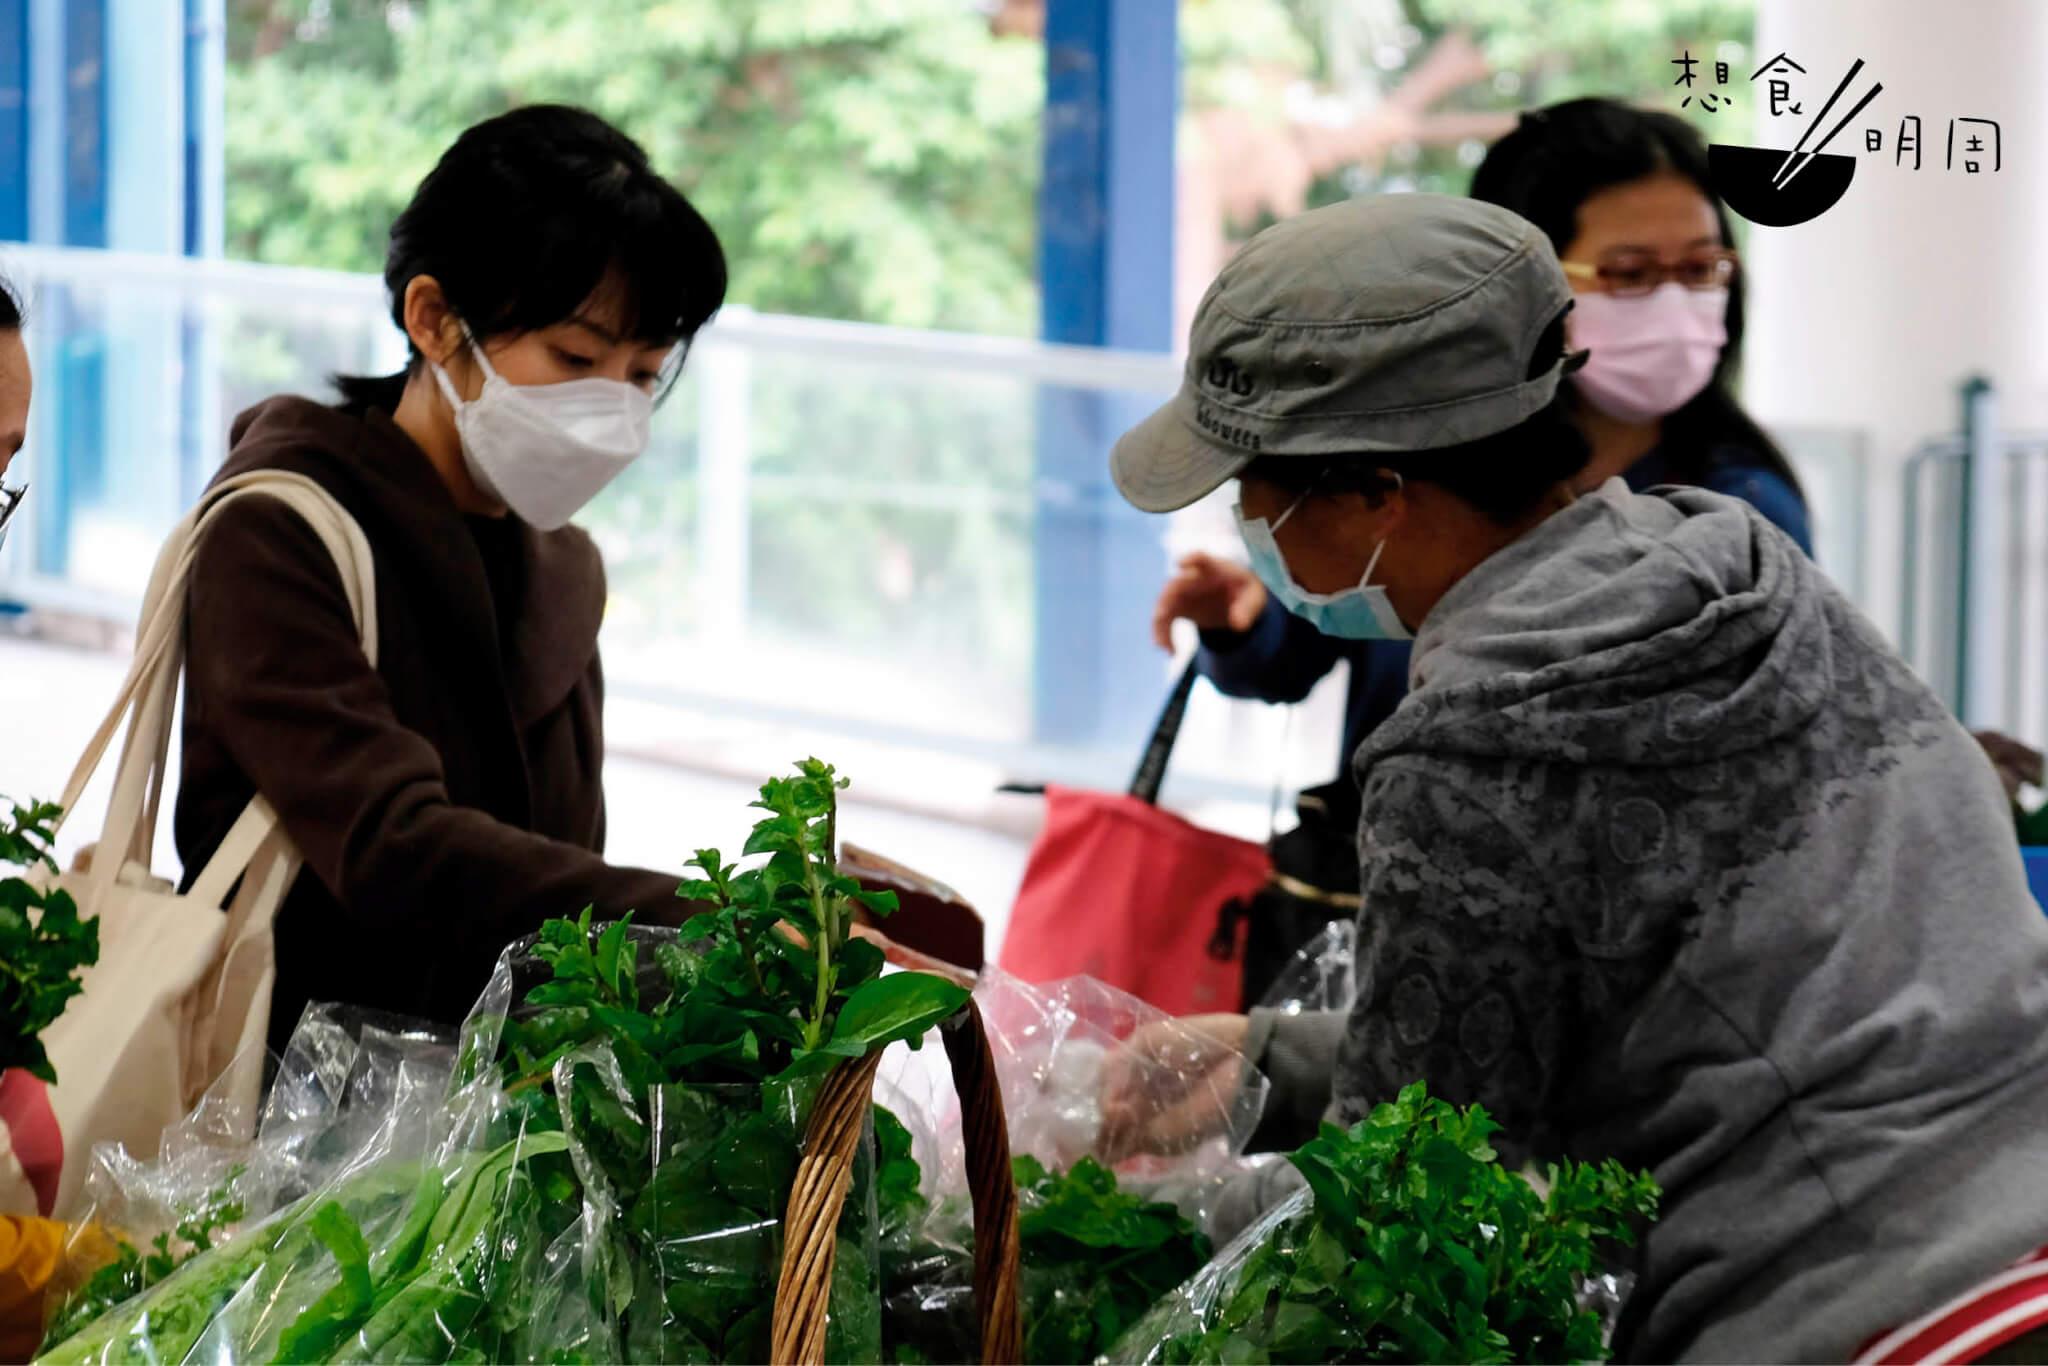 除了從網上平台訂購農產品外,店主亦會到中環農墟購買新鮮食材。